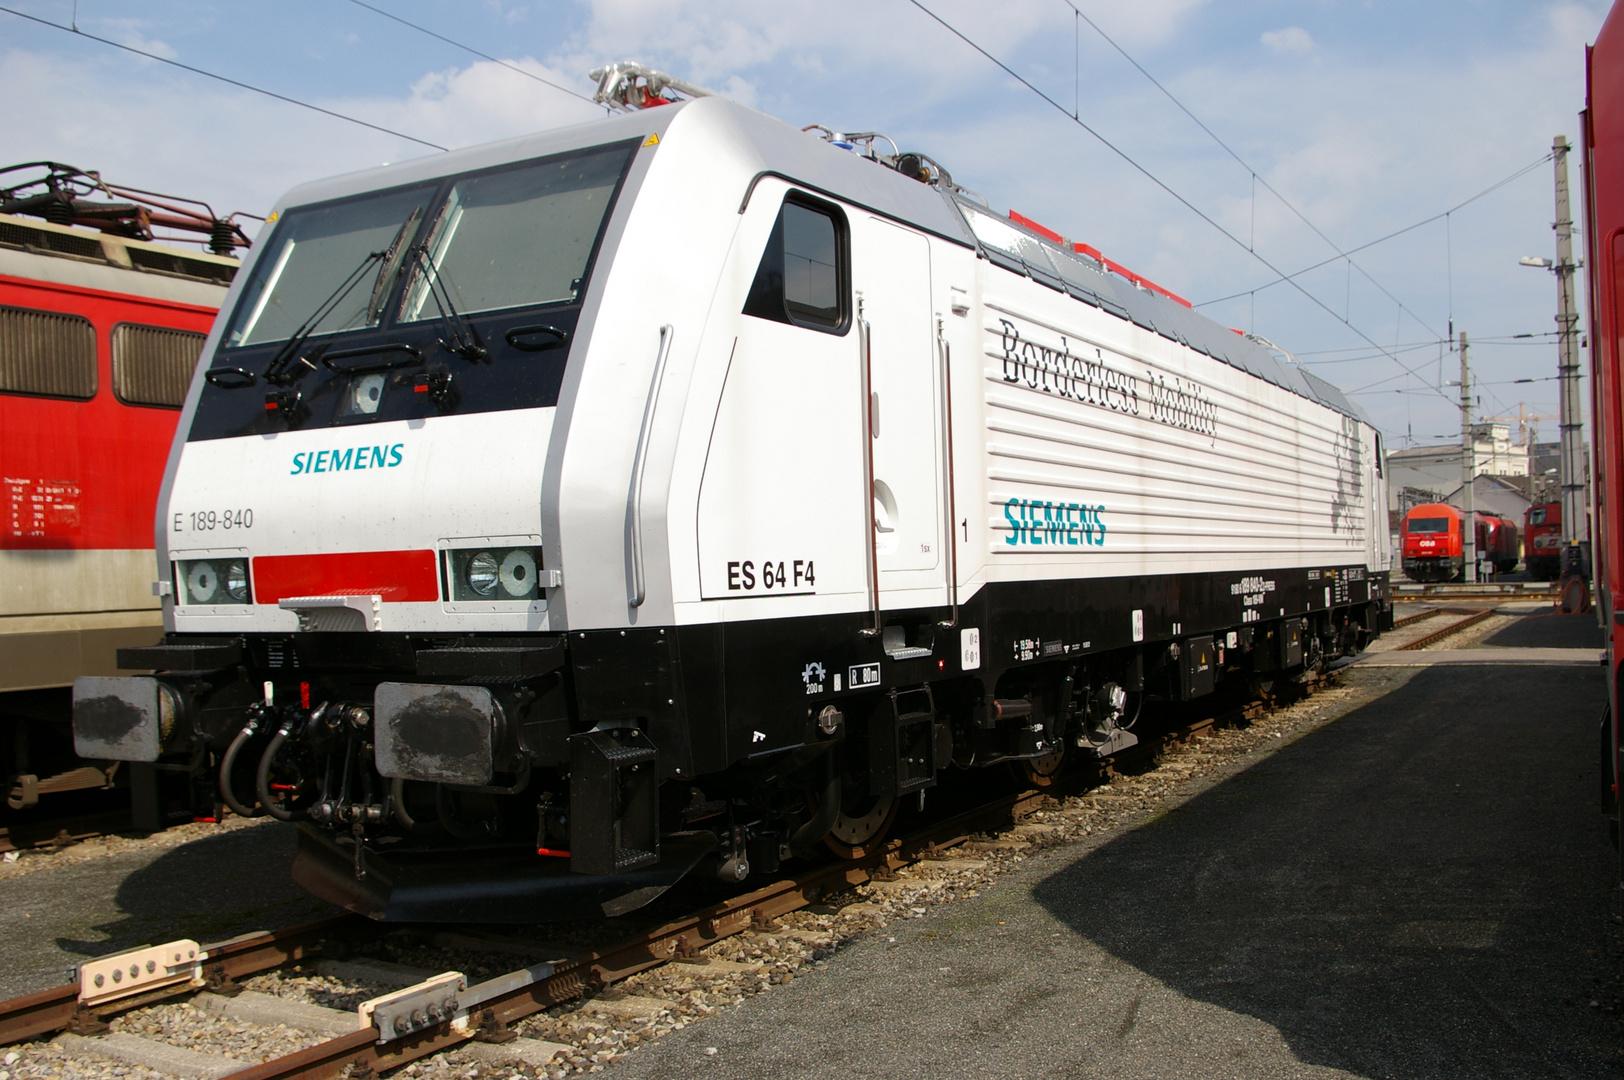 ES 64 F4 E 189-840